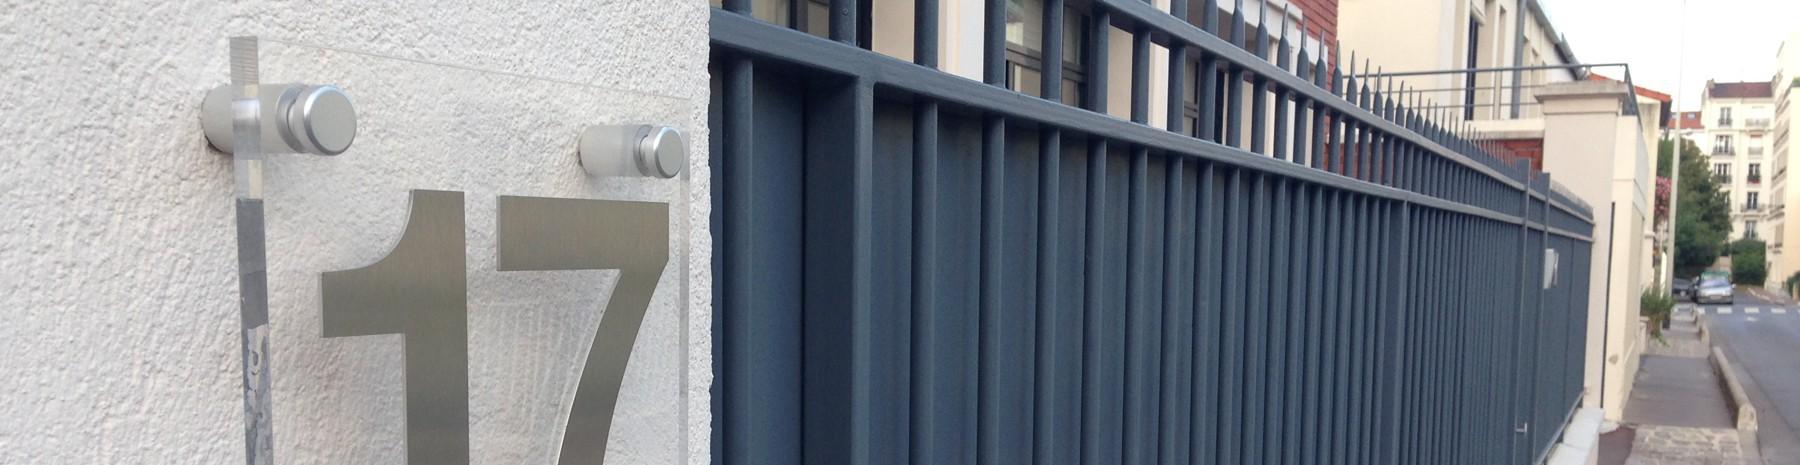 Fixation murale Inox poli miroir pour la signalétique